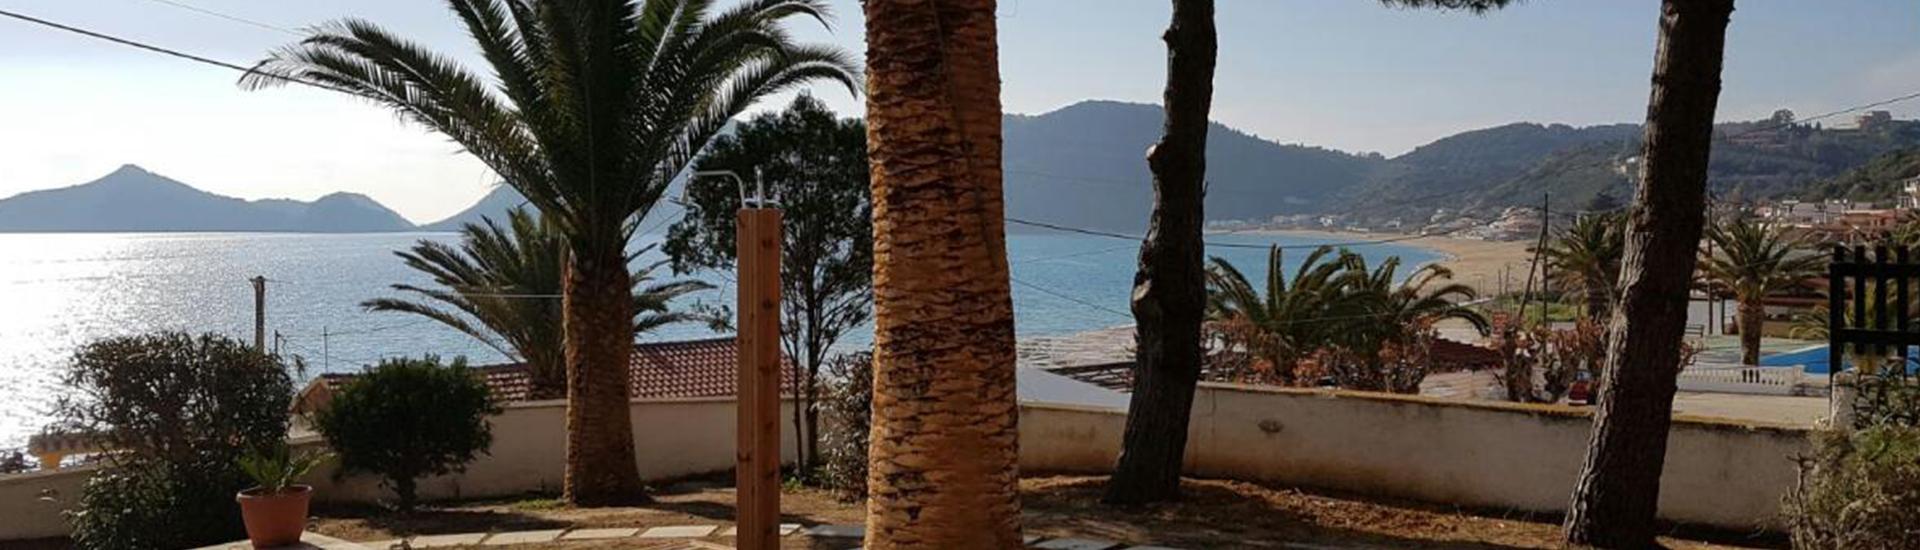 Sonne, Meer und viel Action – Urlaub auf Korfu